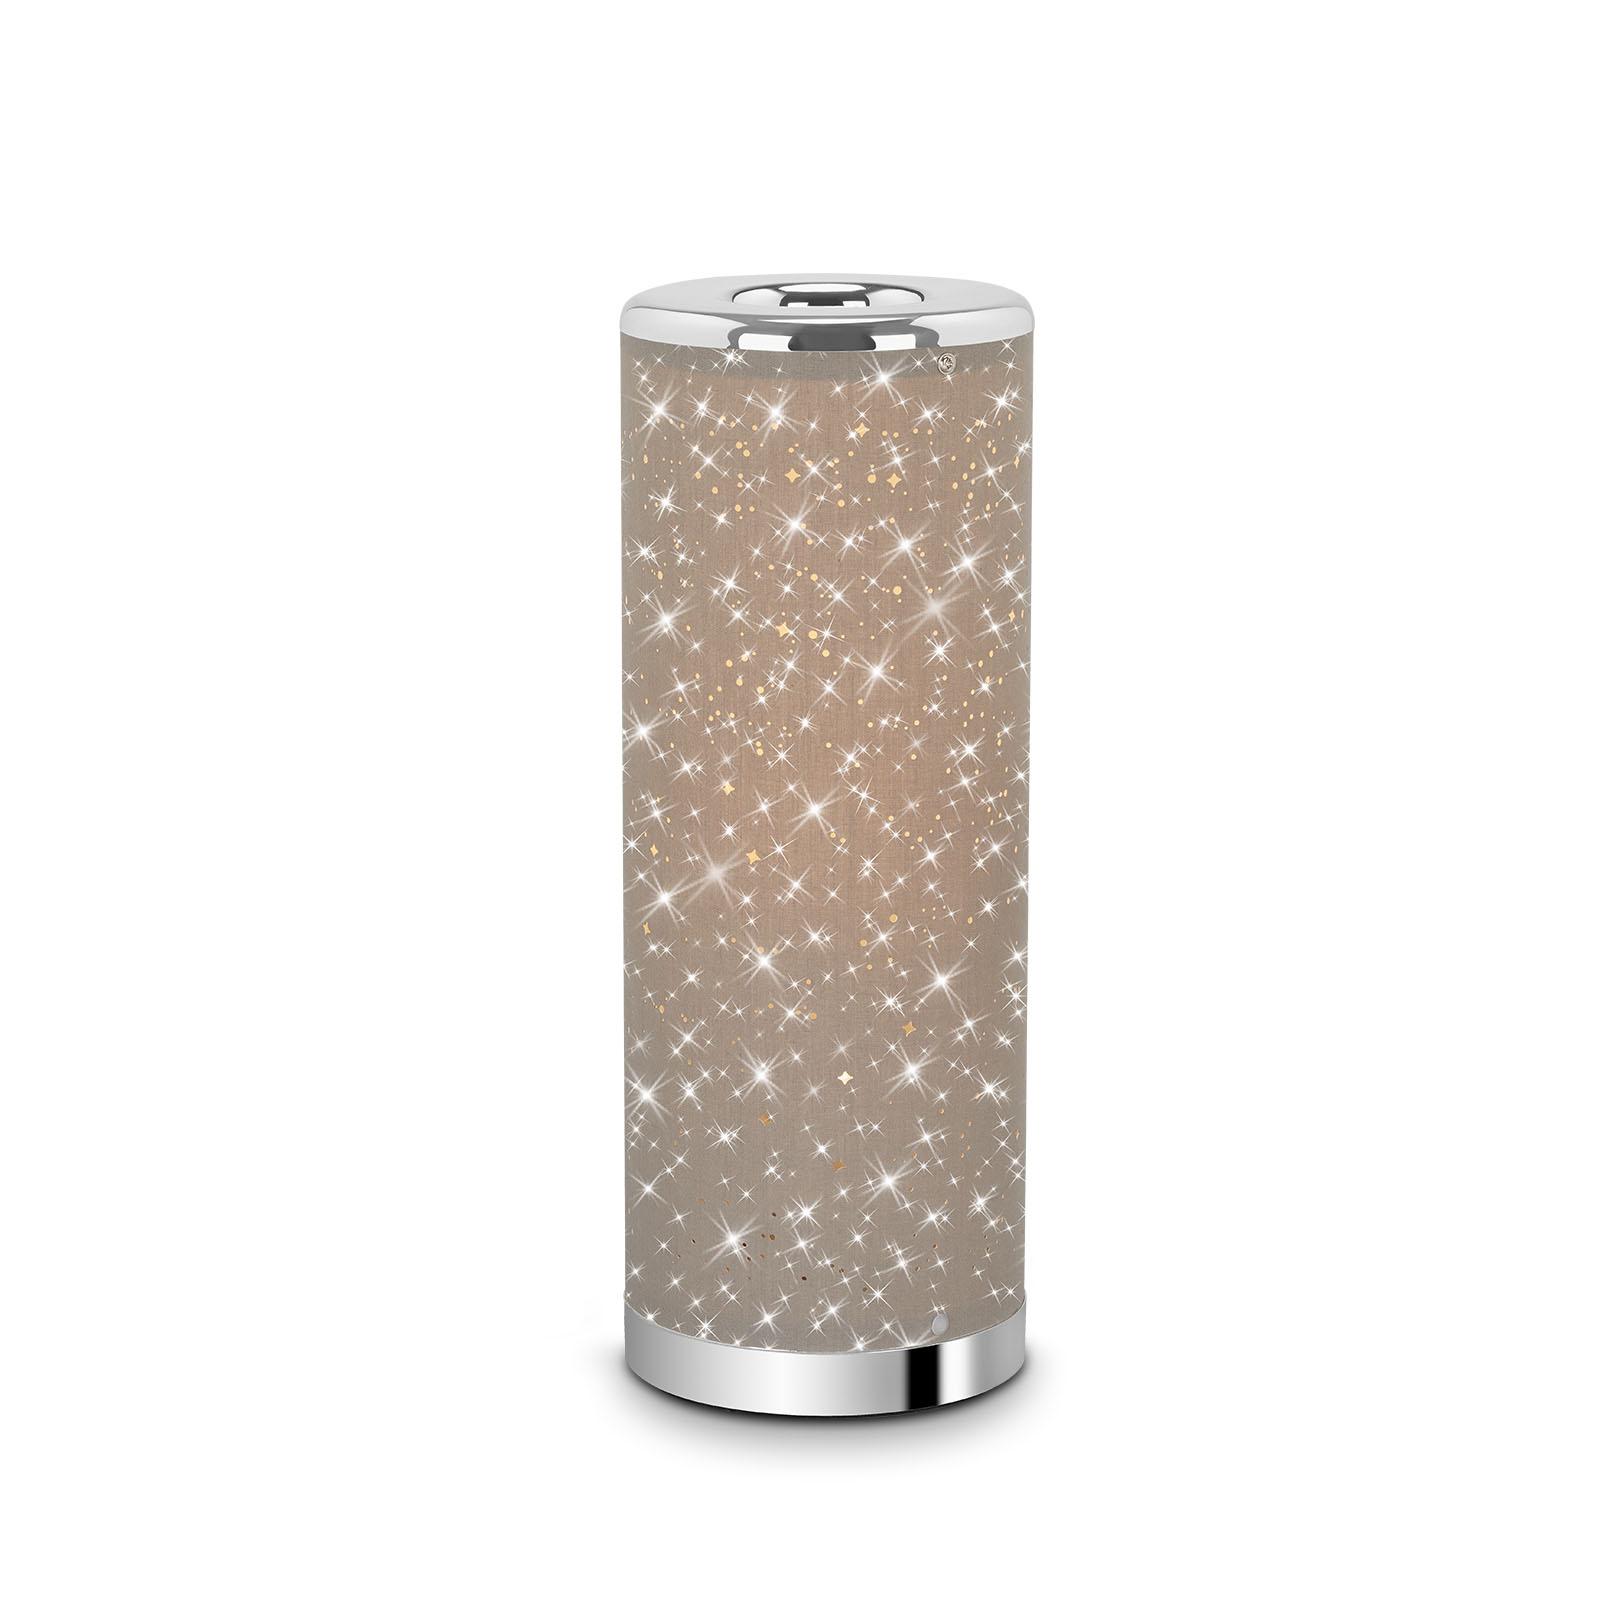 Sternenhimmel LED-Tischleuchte Taupe-Chrom